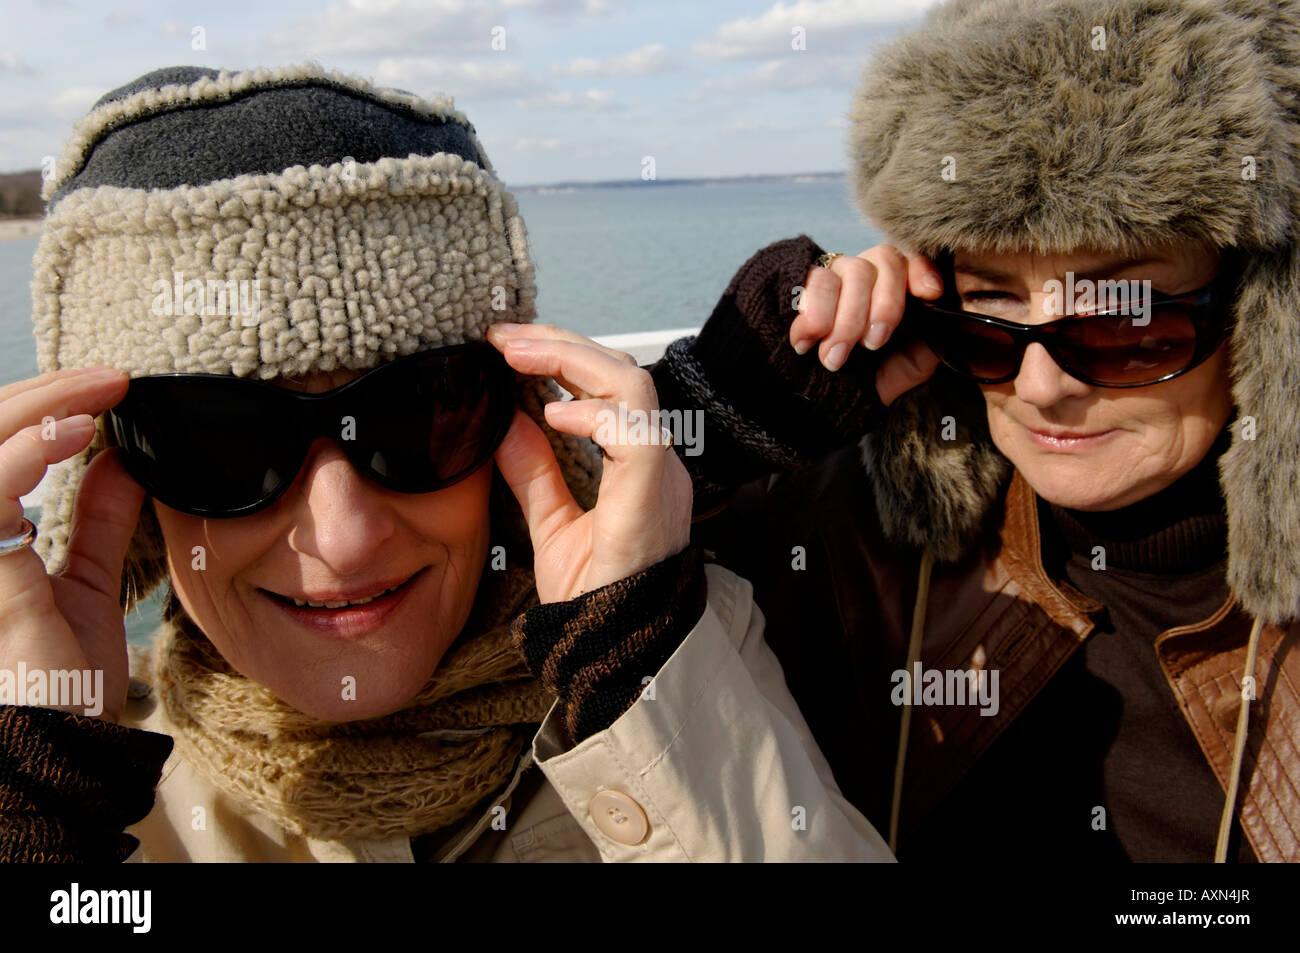 Pelliccia Indossando Due Donne Cappelli Ritratto Mature Di E qZIYYw